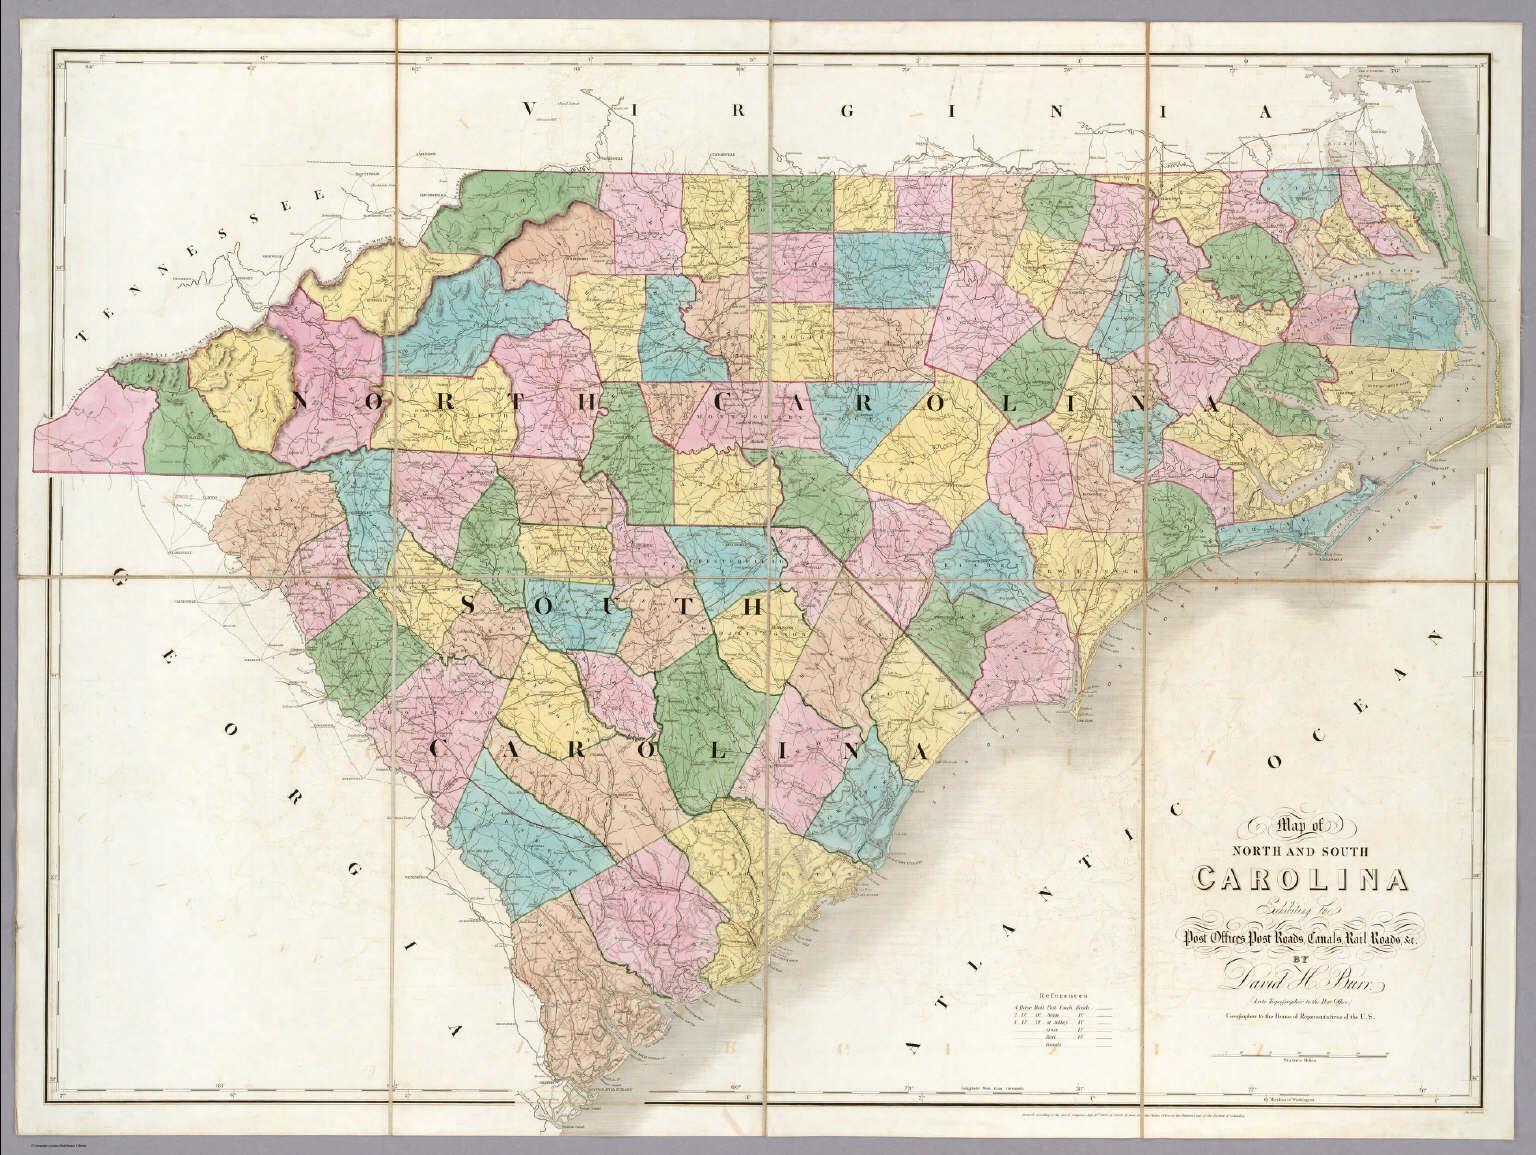 Map Of South Carolina And North Carolina Map of North And South Carolina.   David Rumsey Historical Map  Map Of South Carolina And North Carolina